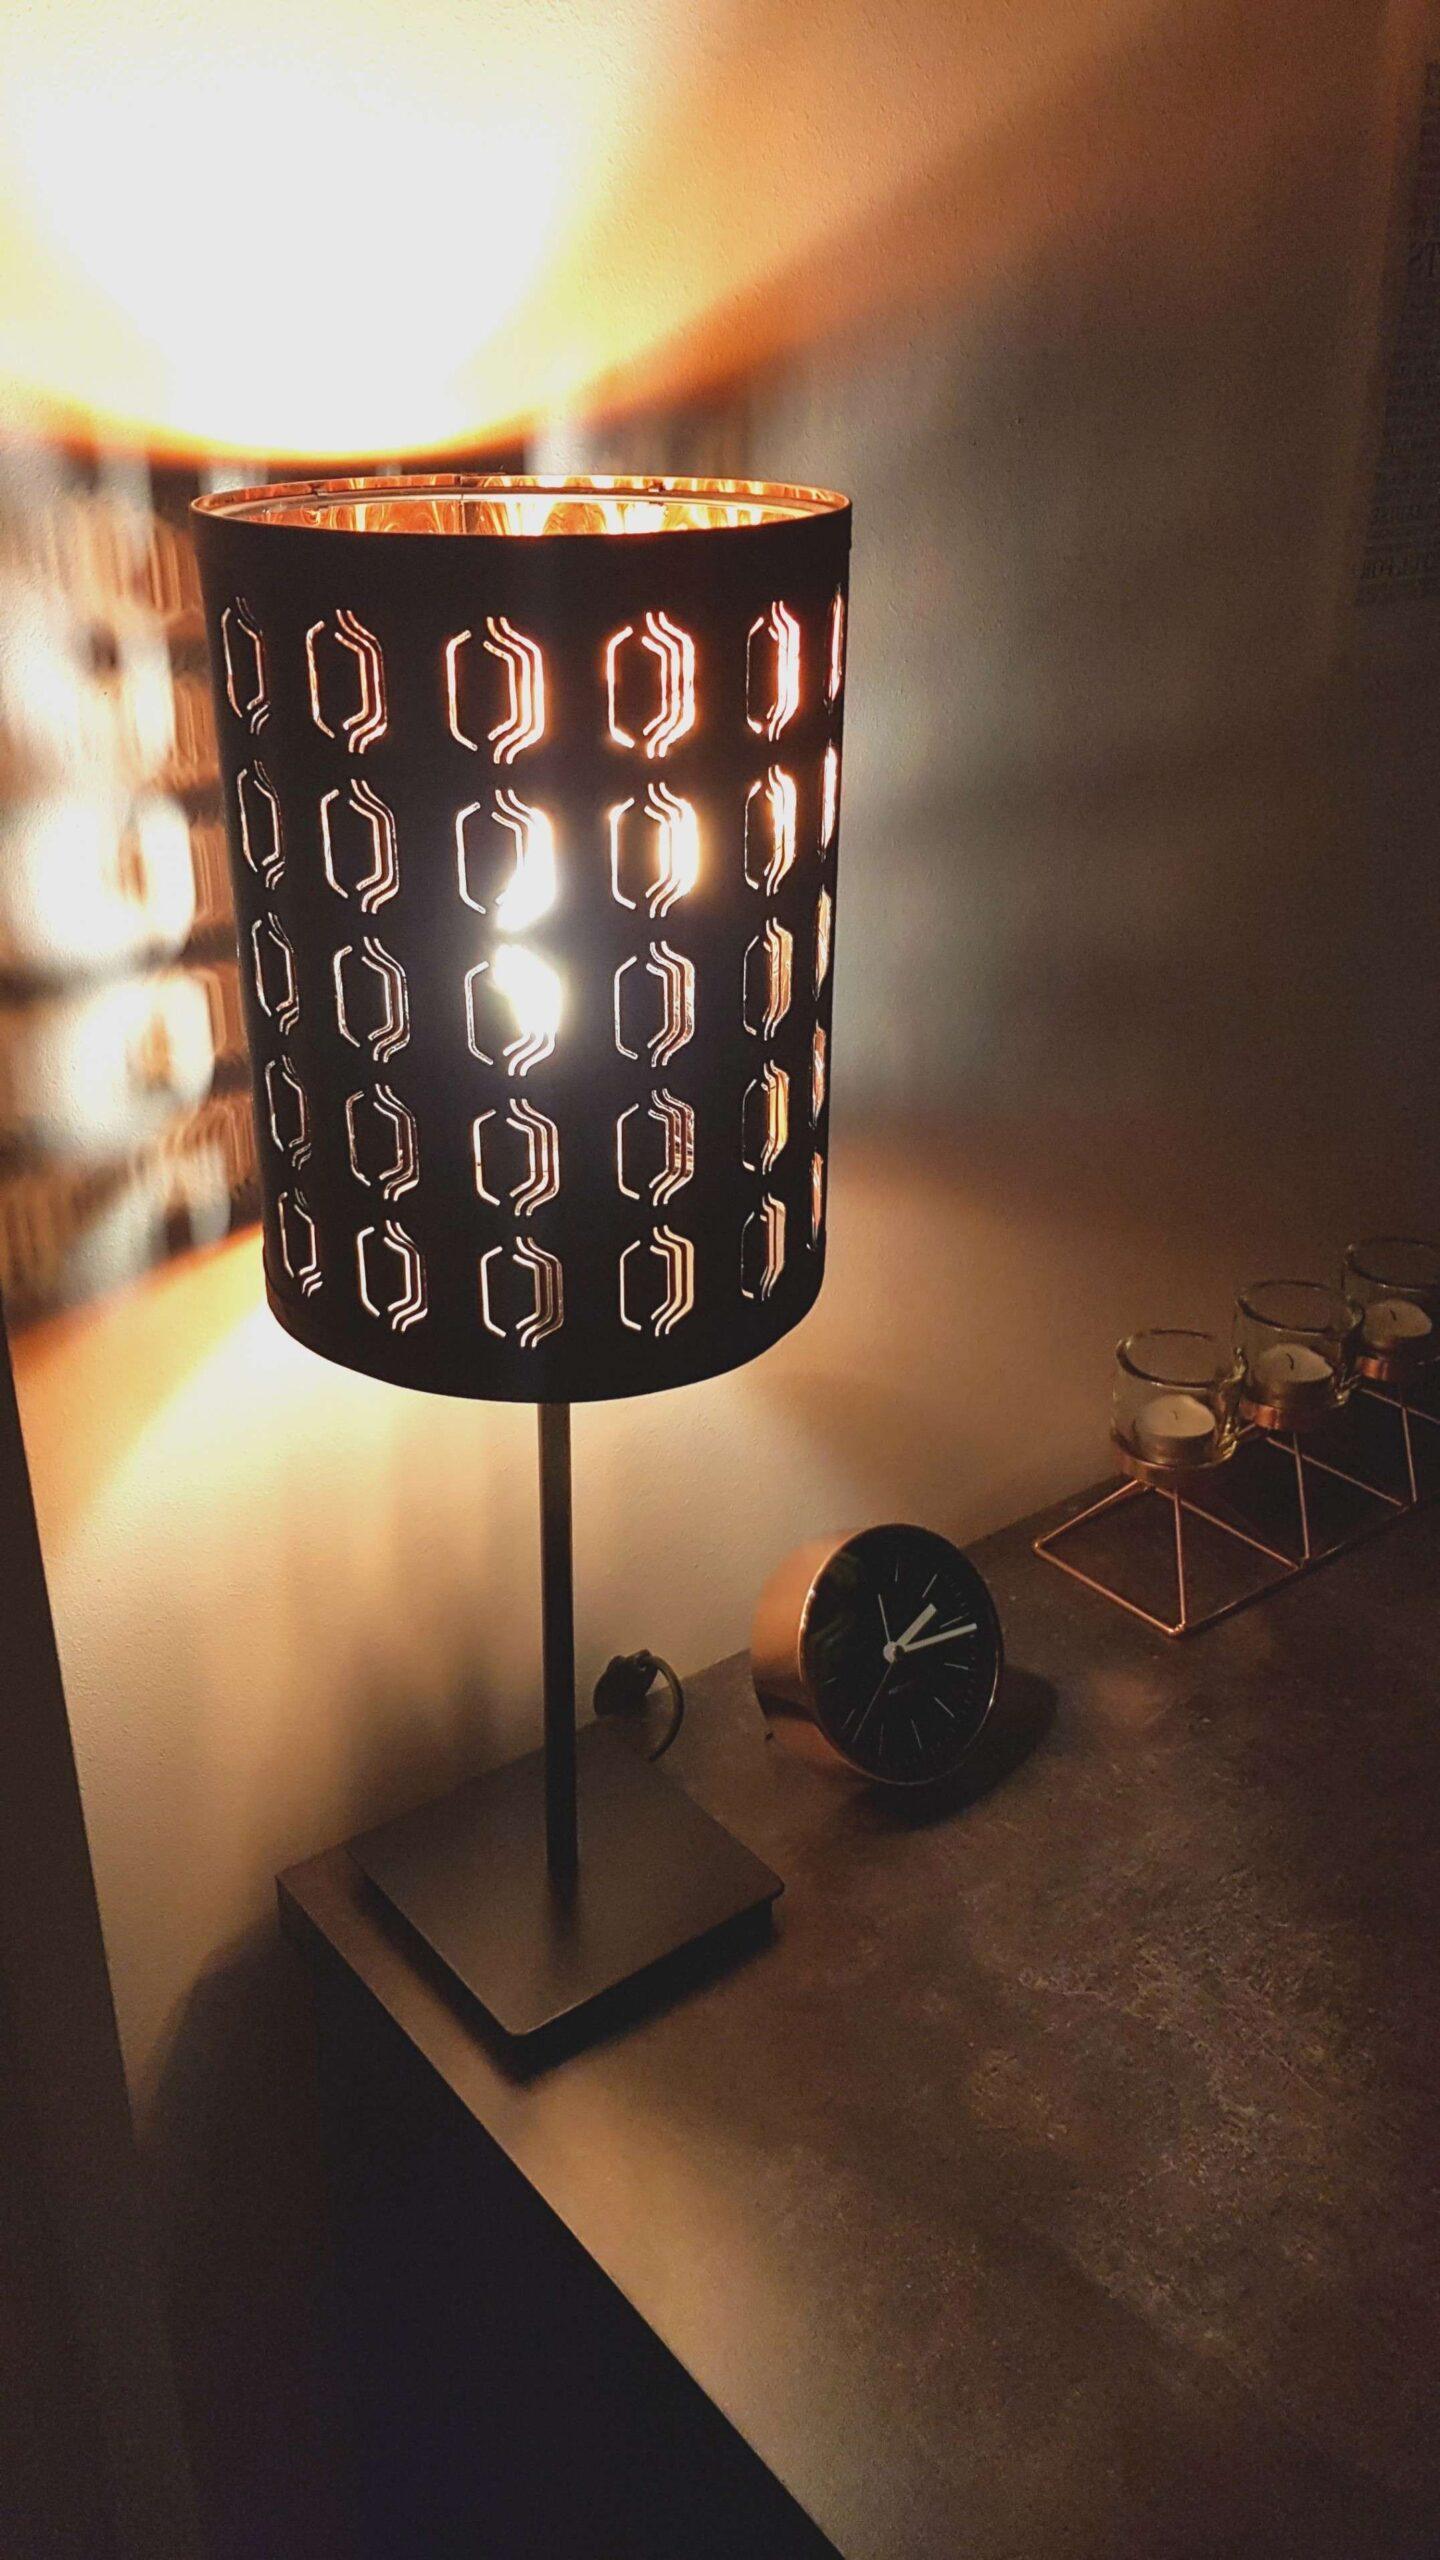 Full Size of Lampen Wohnzimmer Decke Ikea 11 Lampe Elegant Schrankwand Deckenleuchten Led Deckenleuchte Deckenlampen Für Küche Modern Kaufen Decken Kamin Modulküche Wohnzimmer Lampen Wohnzimmer Decke Ikea